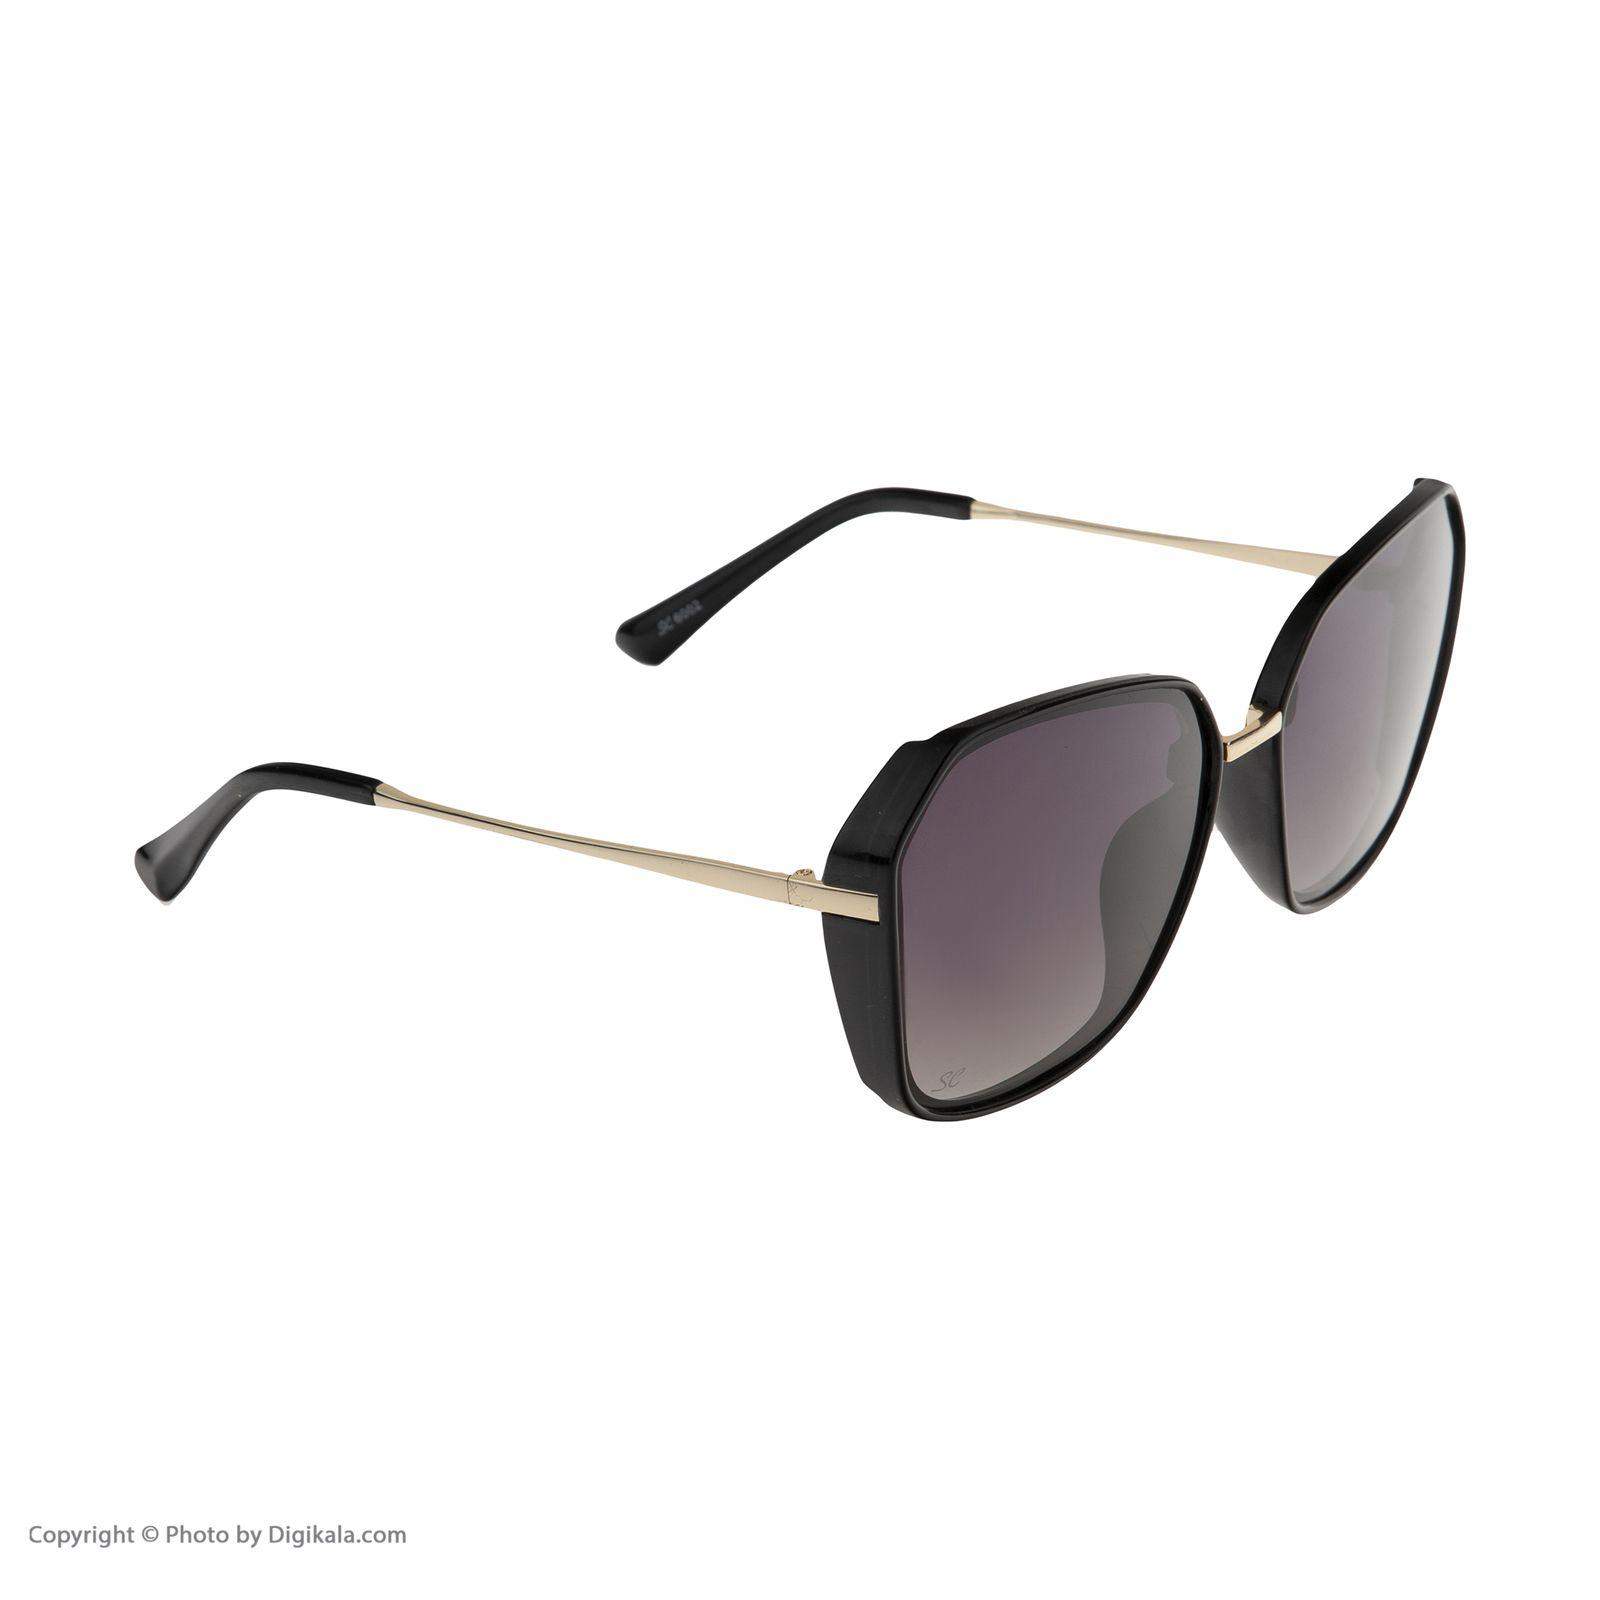 عینک آفتابی زنانه سانکروزر مدل 6002 -  - 4